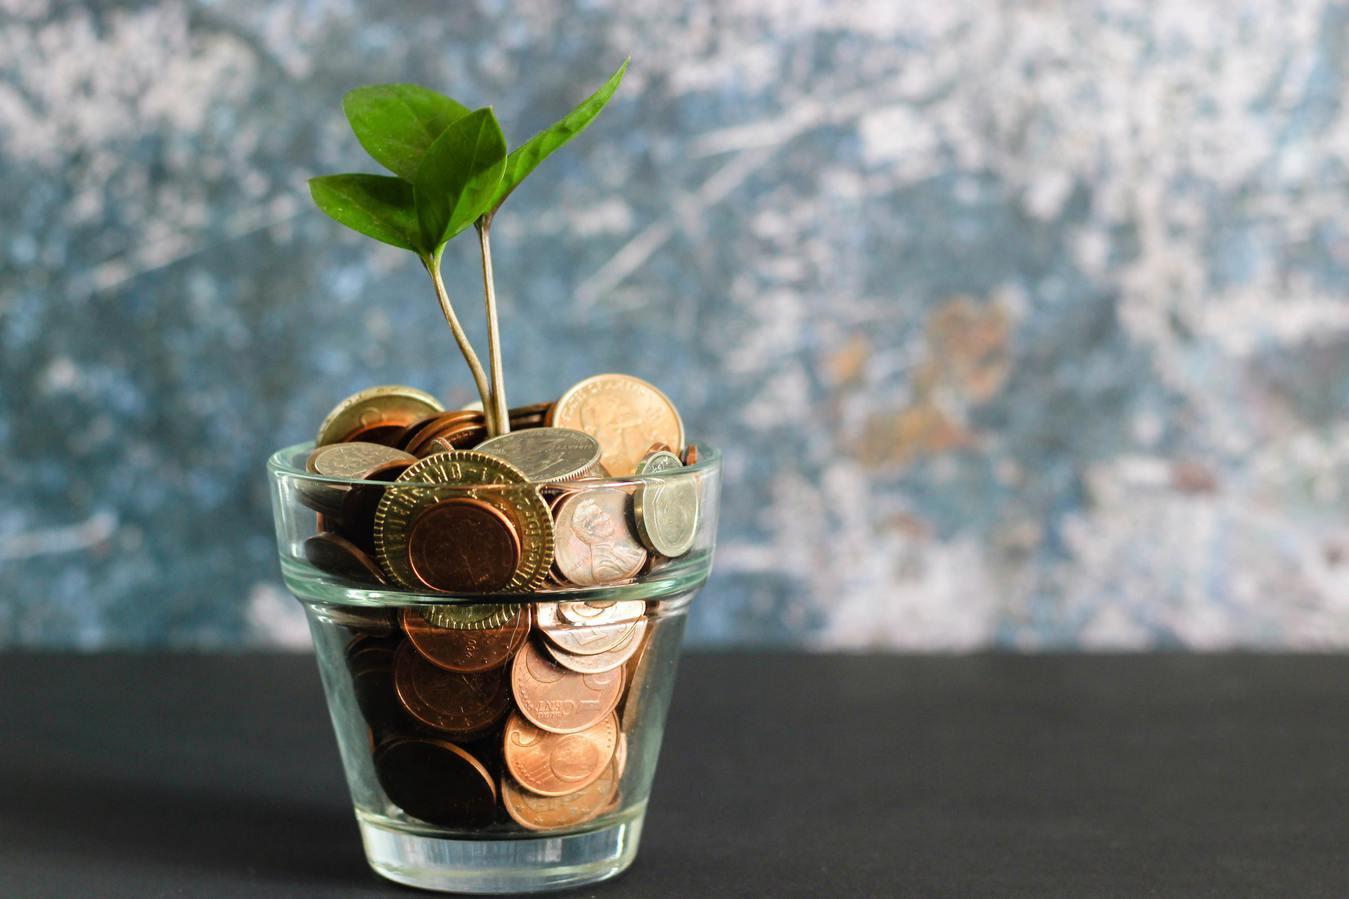 Planta crescendo de um pote de dinheiro